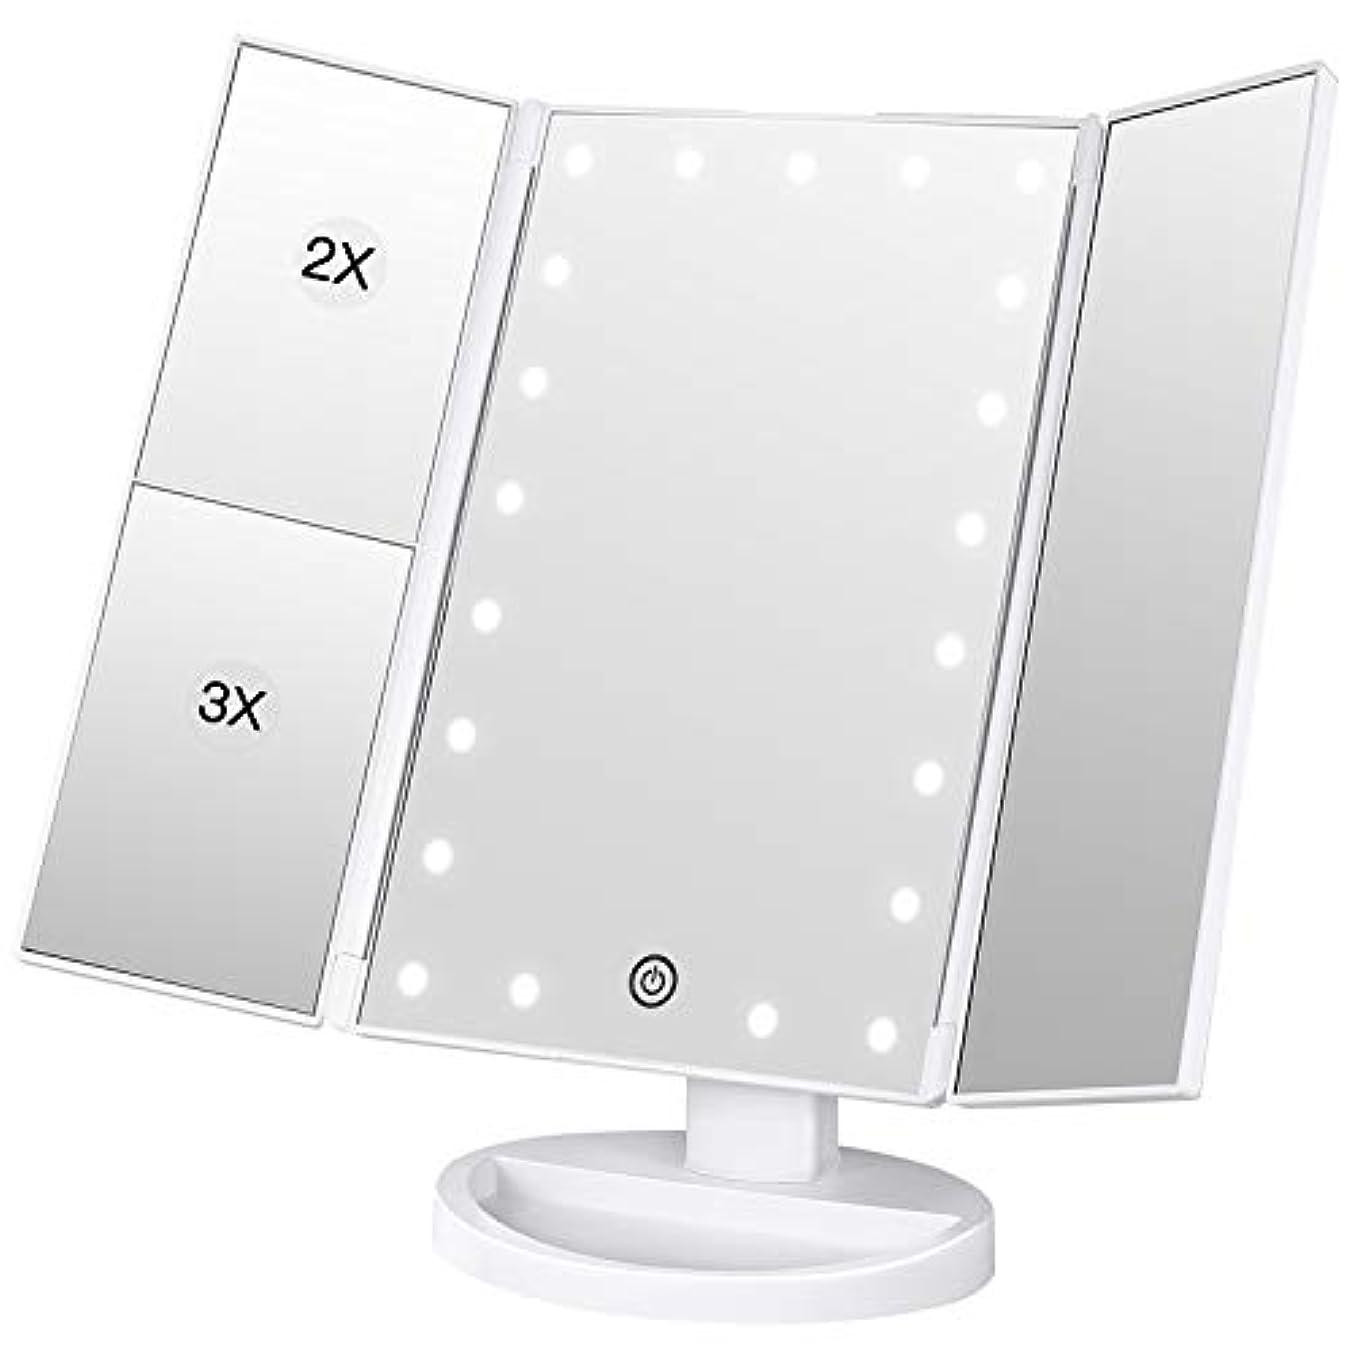 プログレッシブダイバー誰BESTOPE 化粧鏡 化粧ミラー 鏡 三面鏡 女優ミラー 卓上 led付き 折りたたみ 拡大鏡 2&3倍 明るさ調節可能 180°回転 電池&USB 2WAY給電